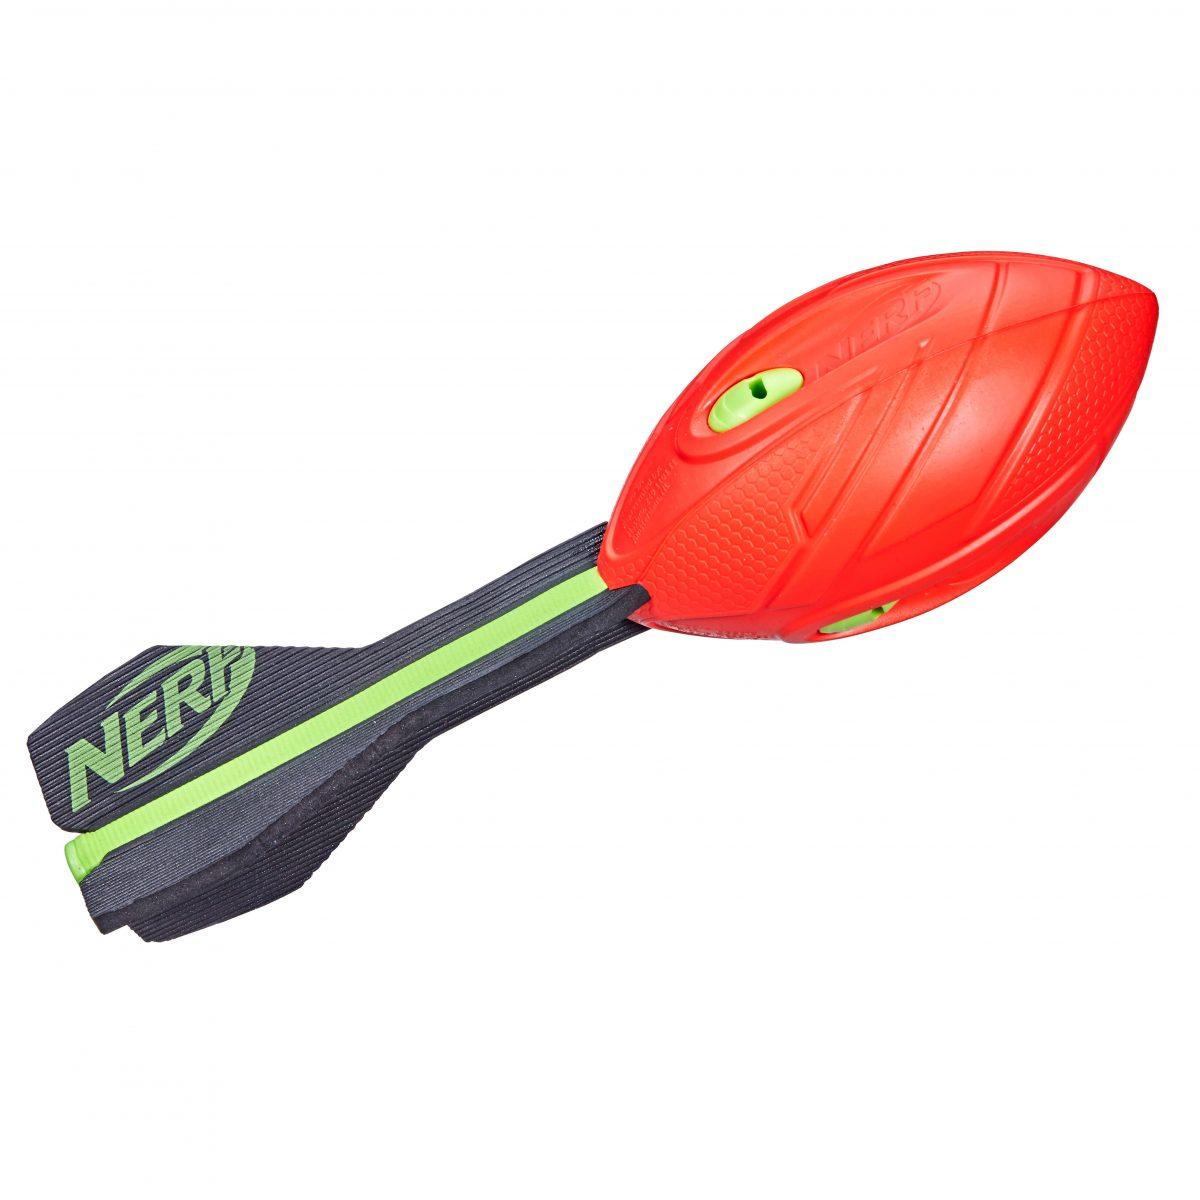 Nerf Vortex Aero Howler - Freizeitspiele - NERF